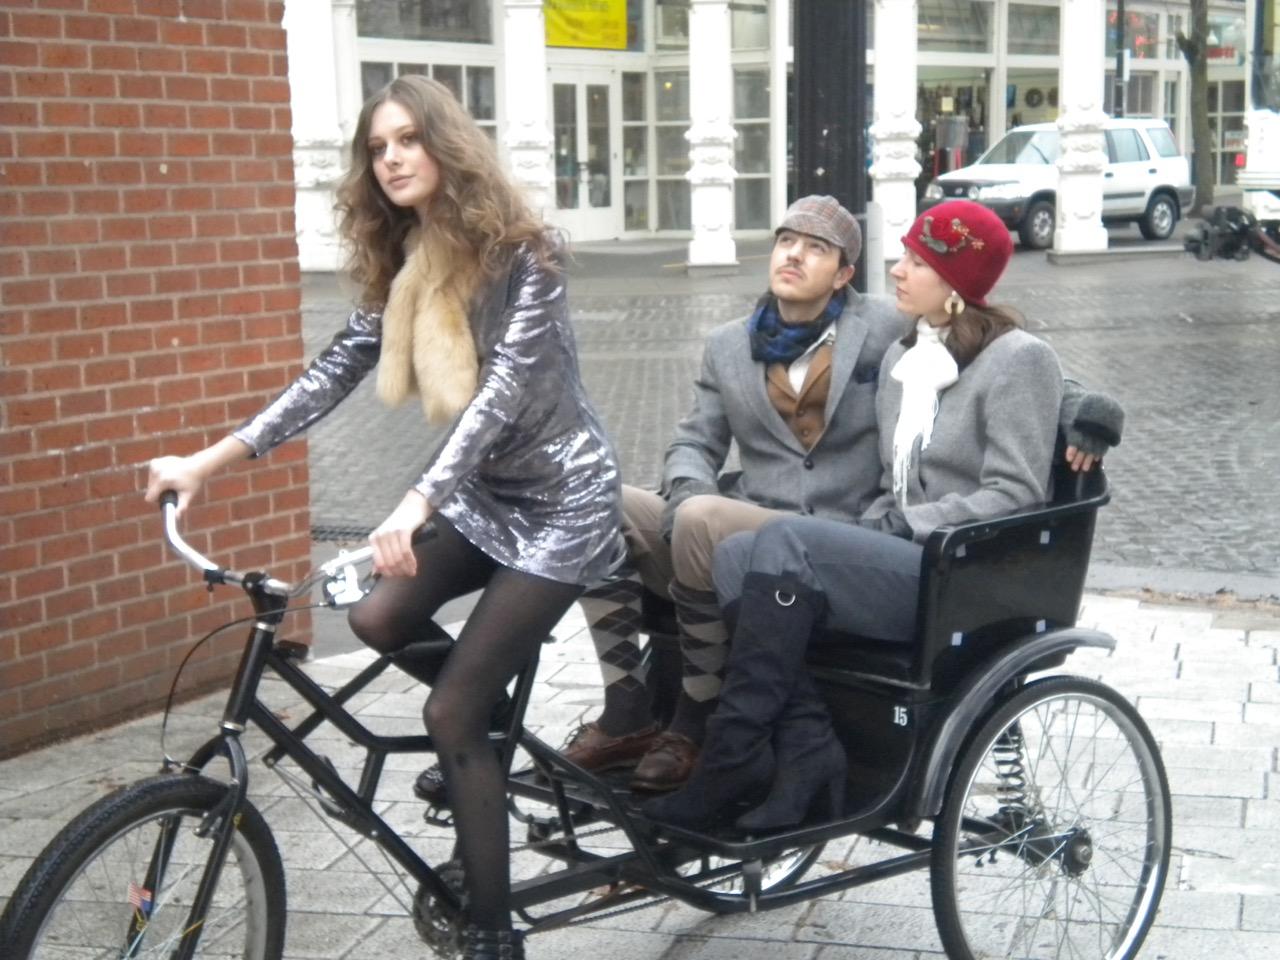 Tweedasuisilla on omia pyöräilypäiviä eri puolilla maailmaa Lontoossa, Tokiossa... Kuva Portlandista. Kuva: Foto: Sarah Mirk, flickr.com, CC BY 2.0